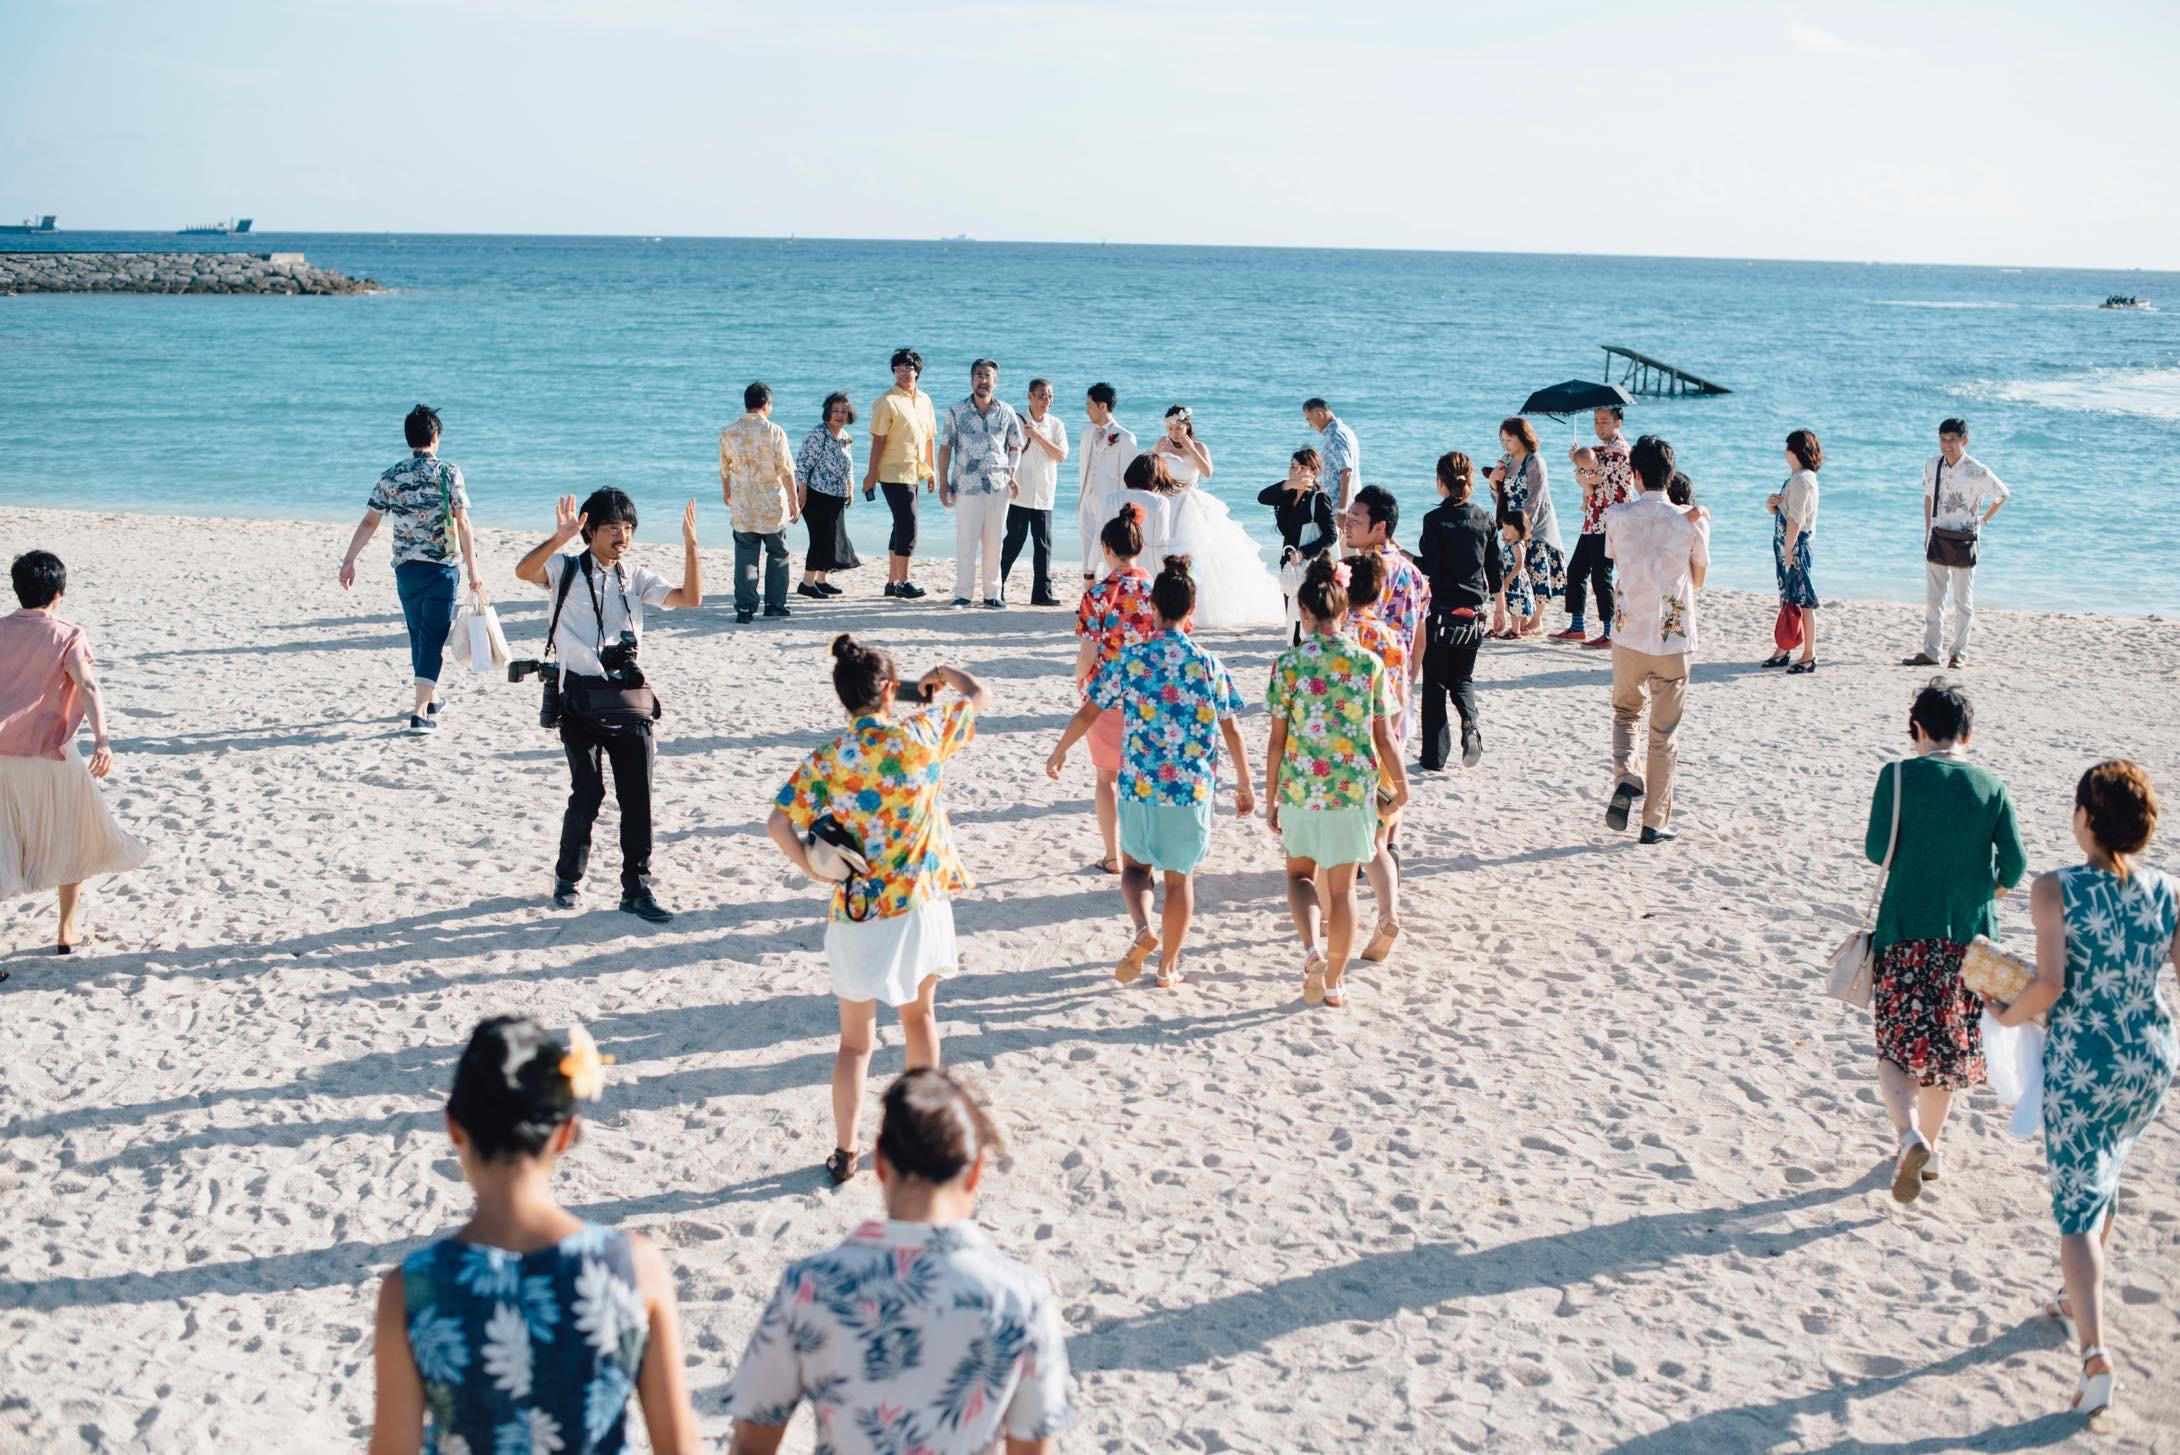 沖縄に行ったらタビノコトバメンバーが結婚式をしていた